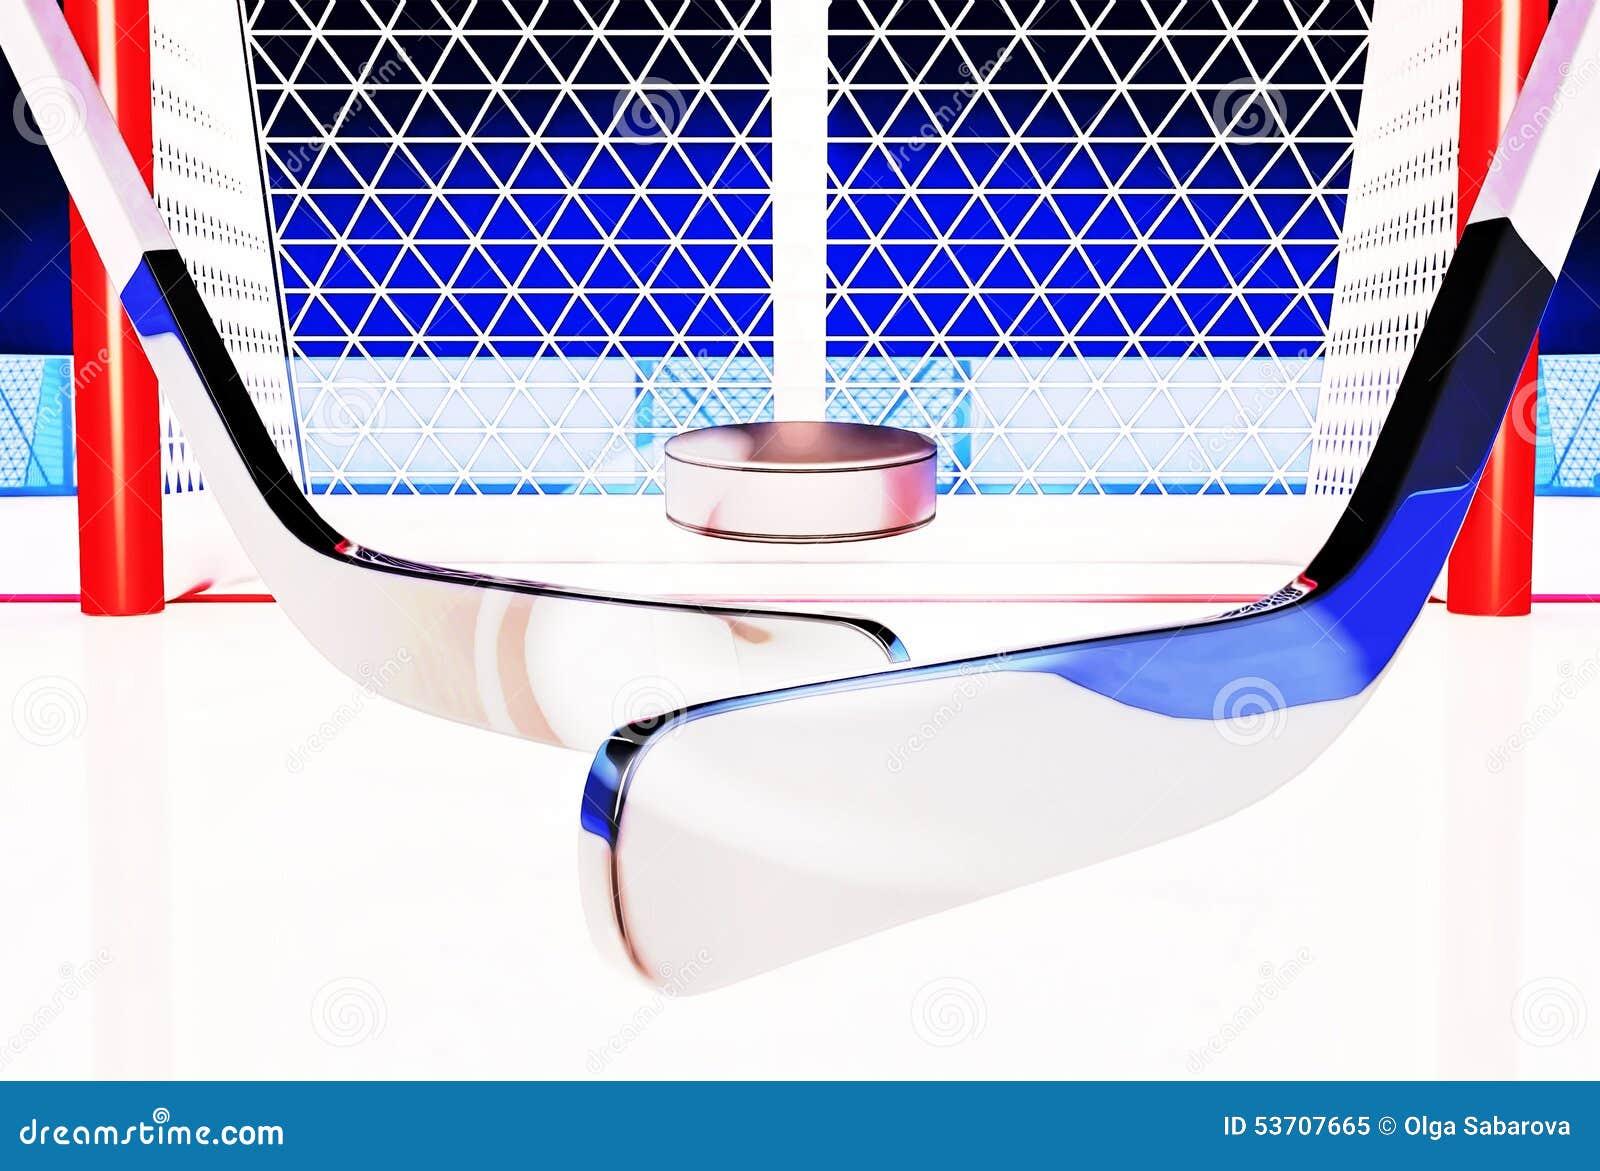 τρισδιάστατη απεικόνιση των ραβδιών και της σφαίρας χόκεϋ στην αίθουσα παγοδρομίας πάγου